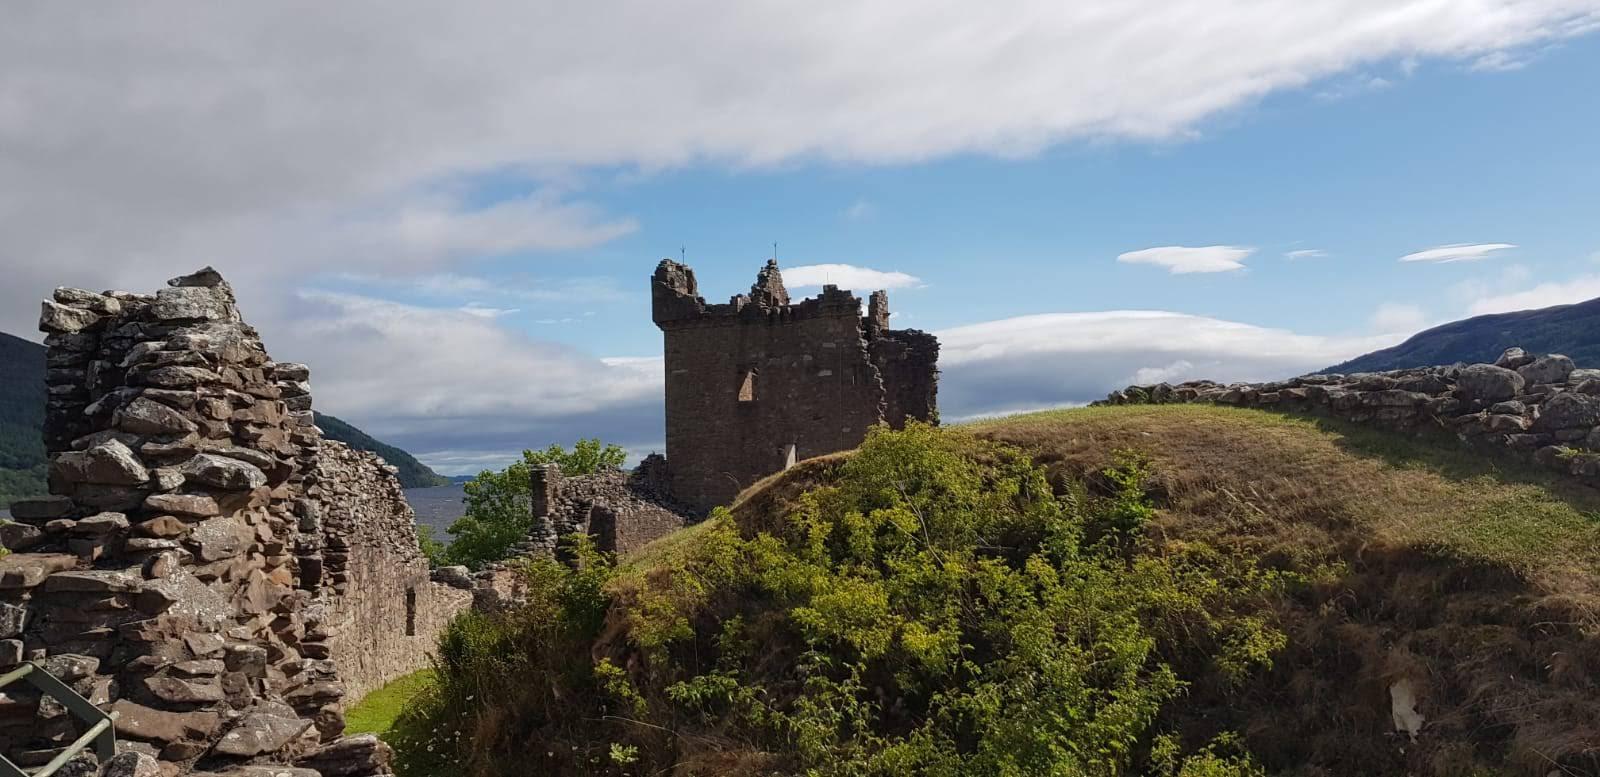 castello_di_urquhart_05